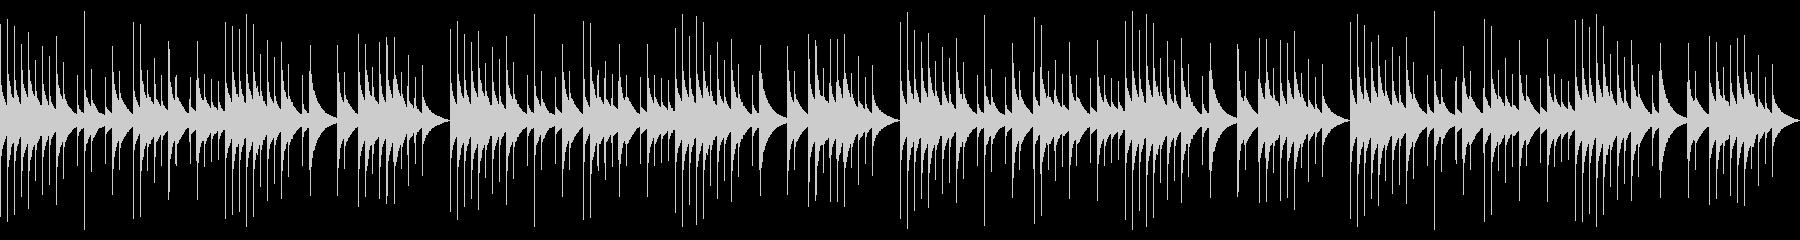 ループver オルゴール おやすみの未再生の波形